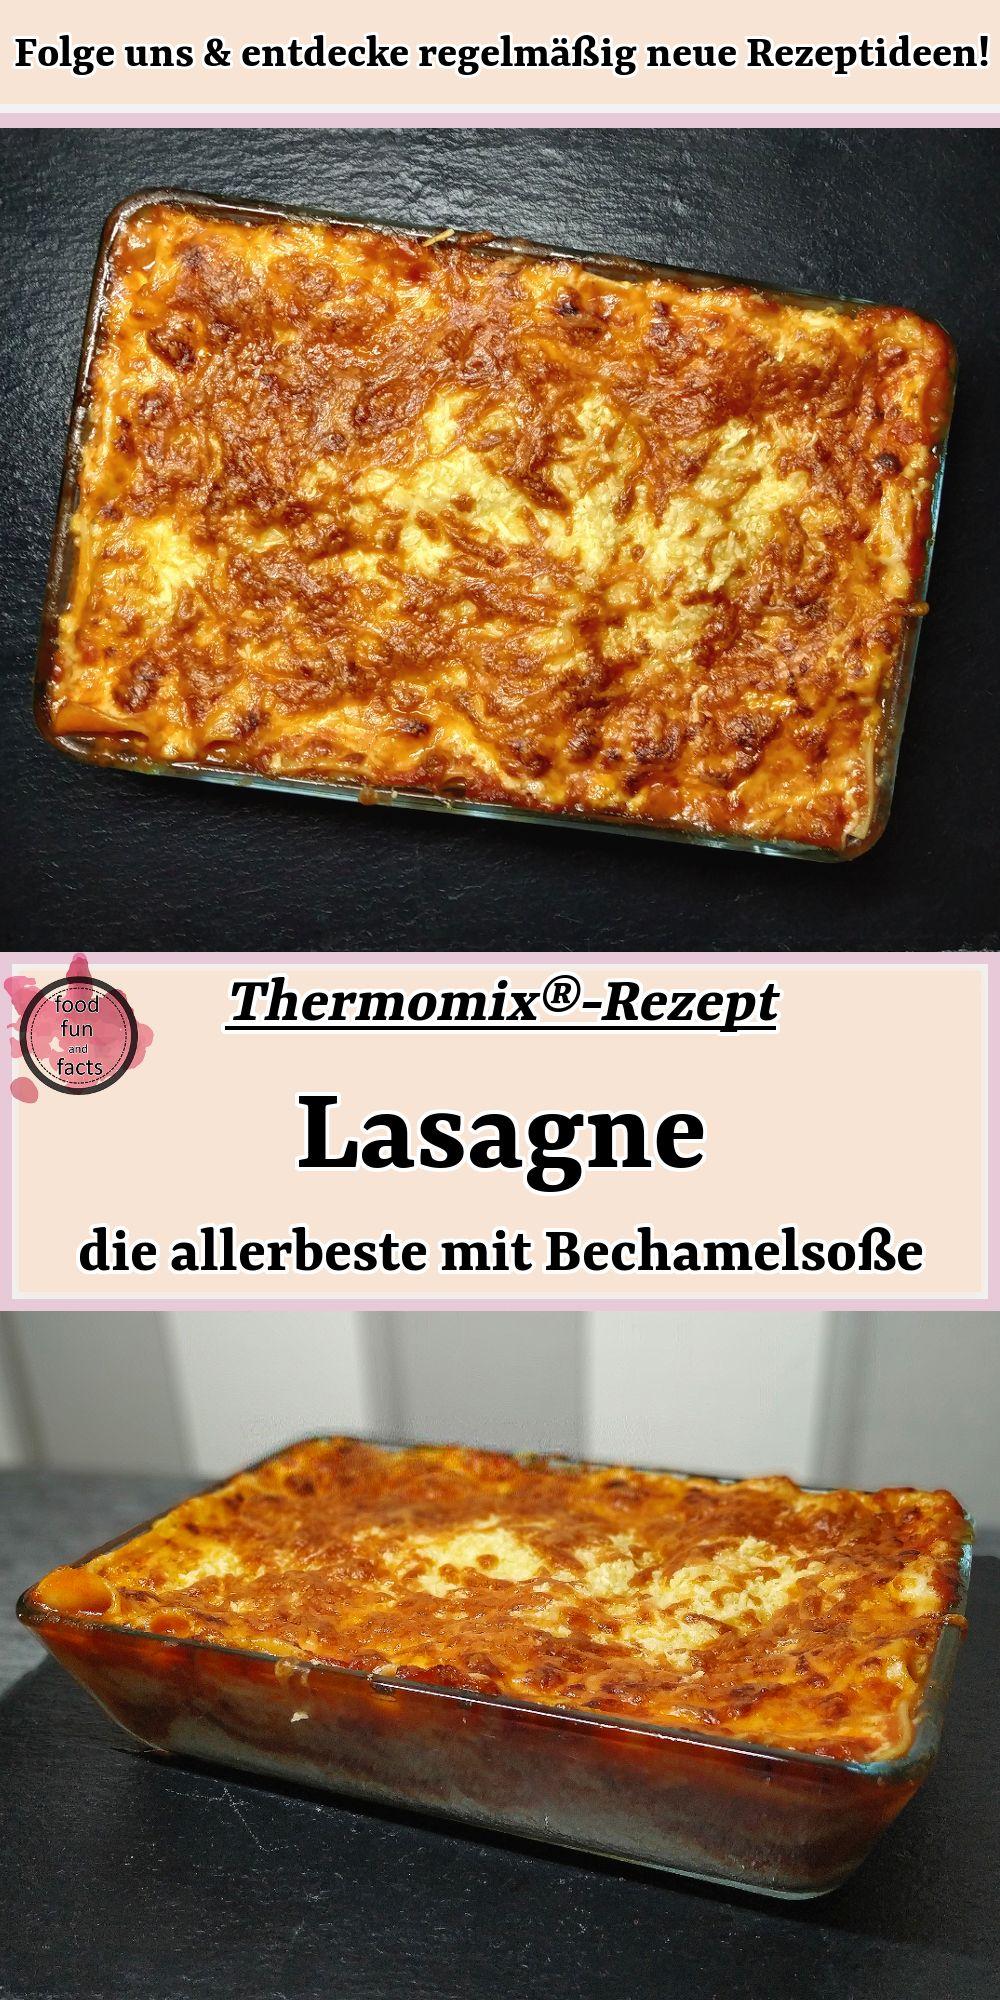 Lasagne – die allerbeste mit Bechamelsoße | Thermomix-Rezept